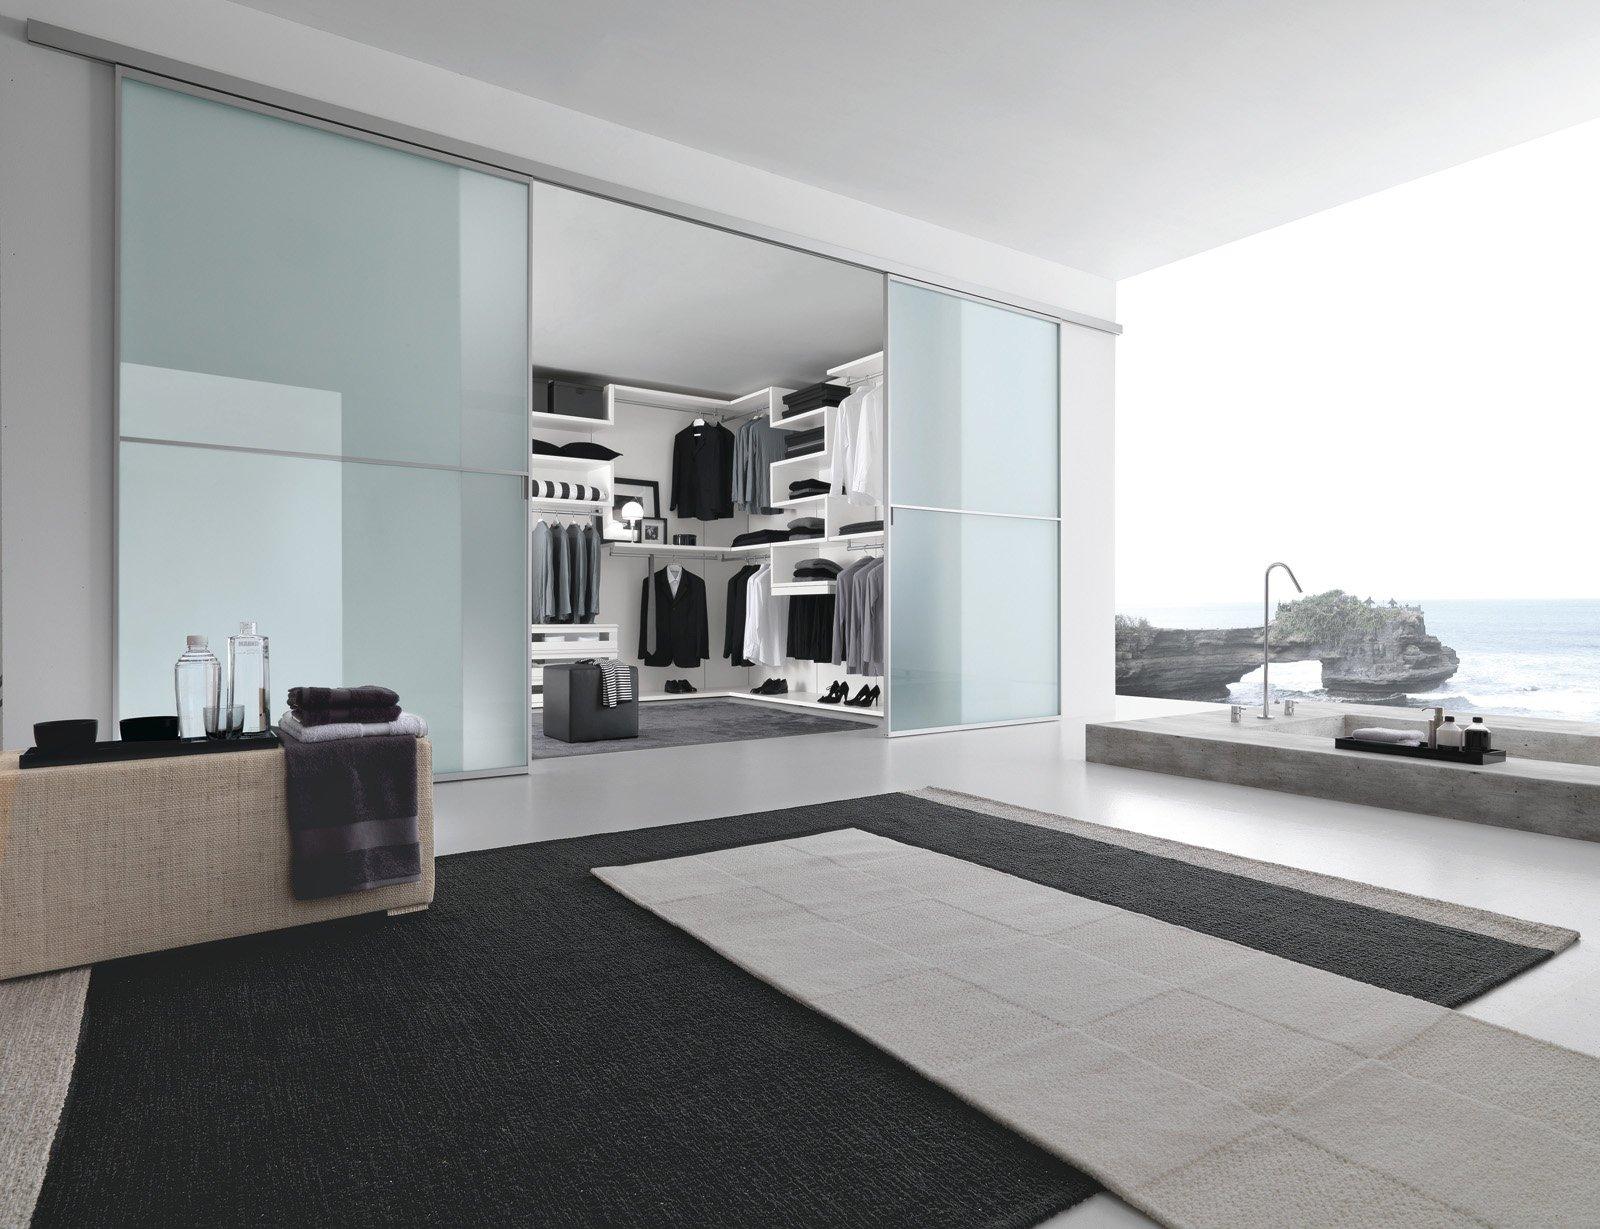 Cabine armadio soluzione trendy cose di casa - Moduli per cabina armadio ...